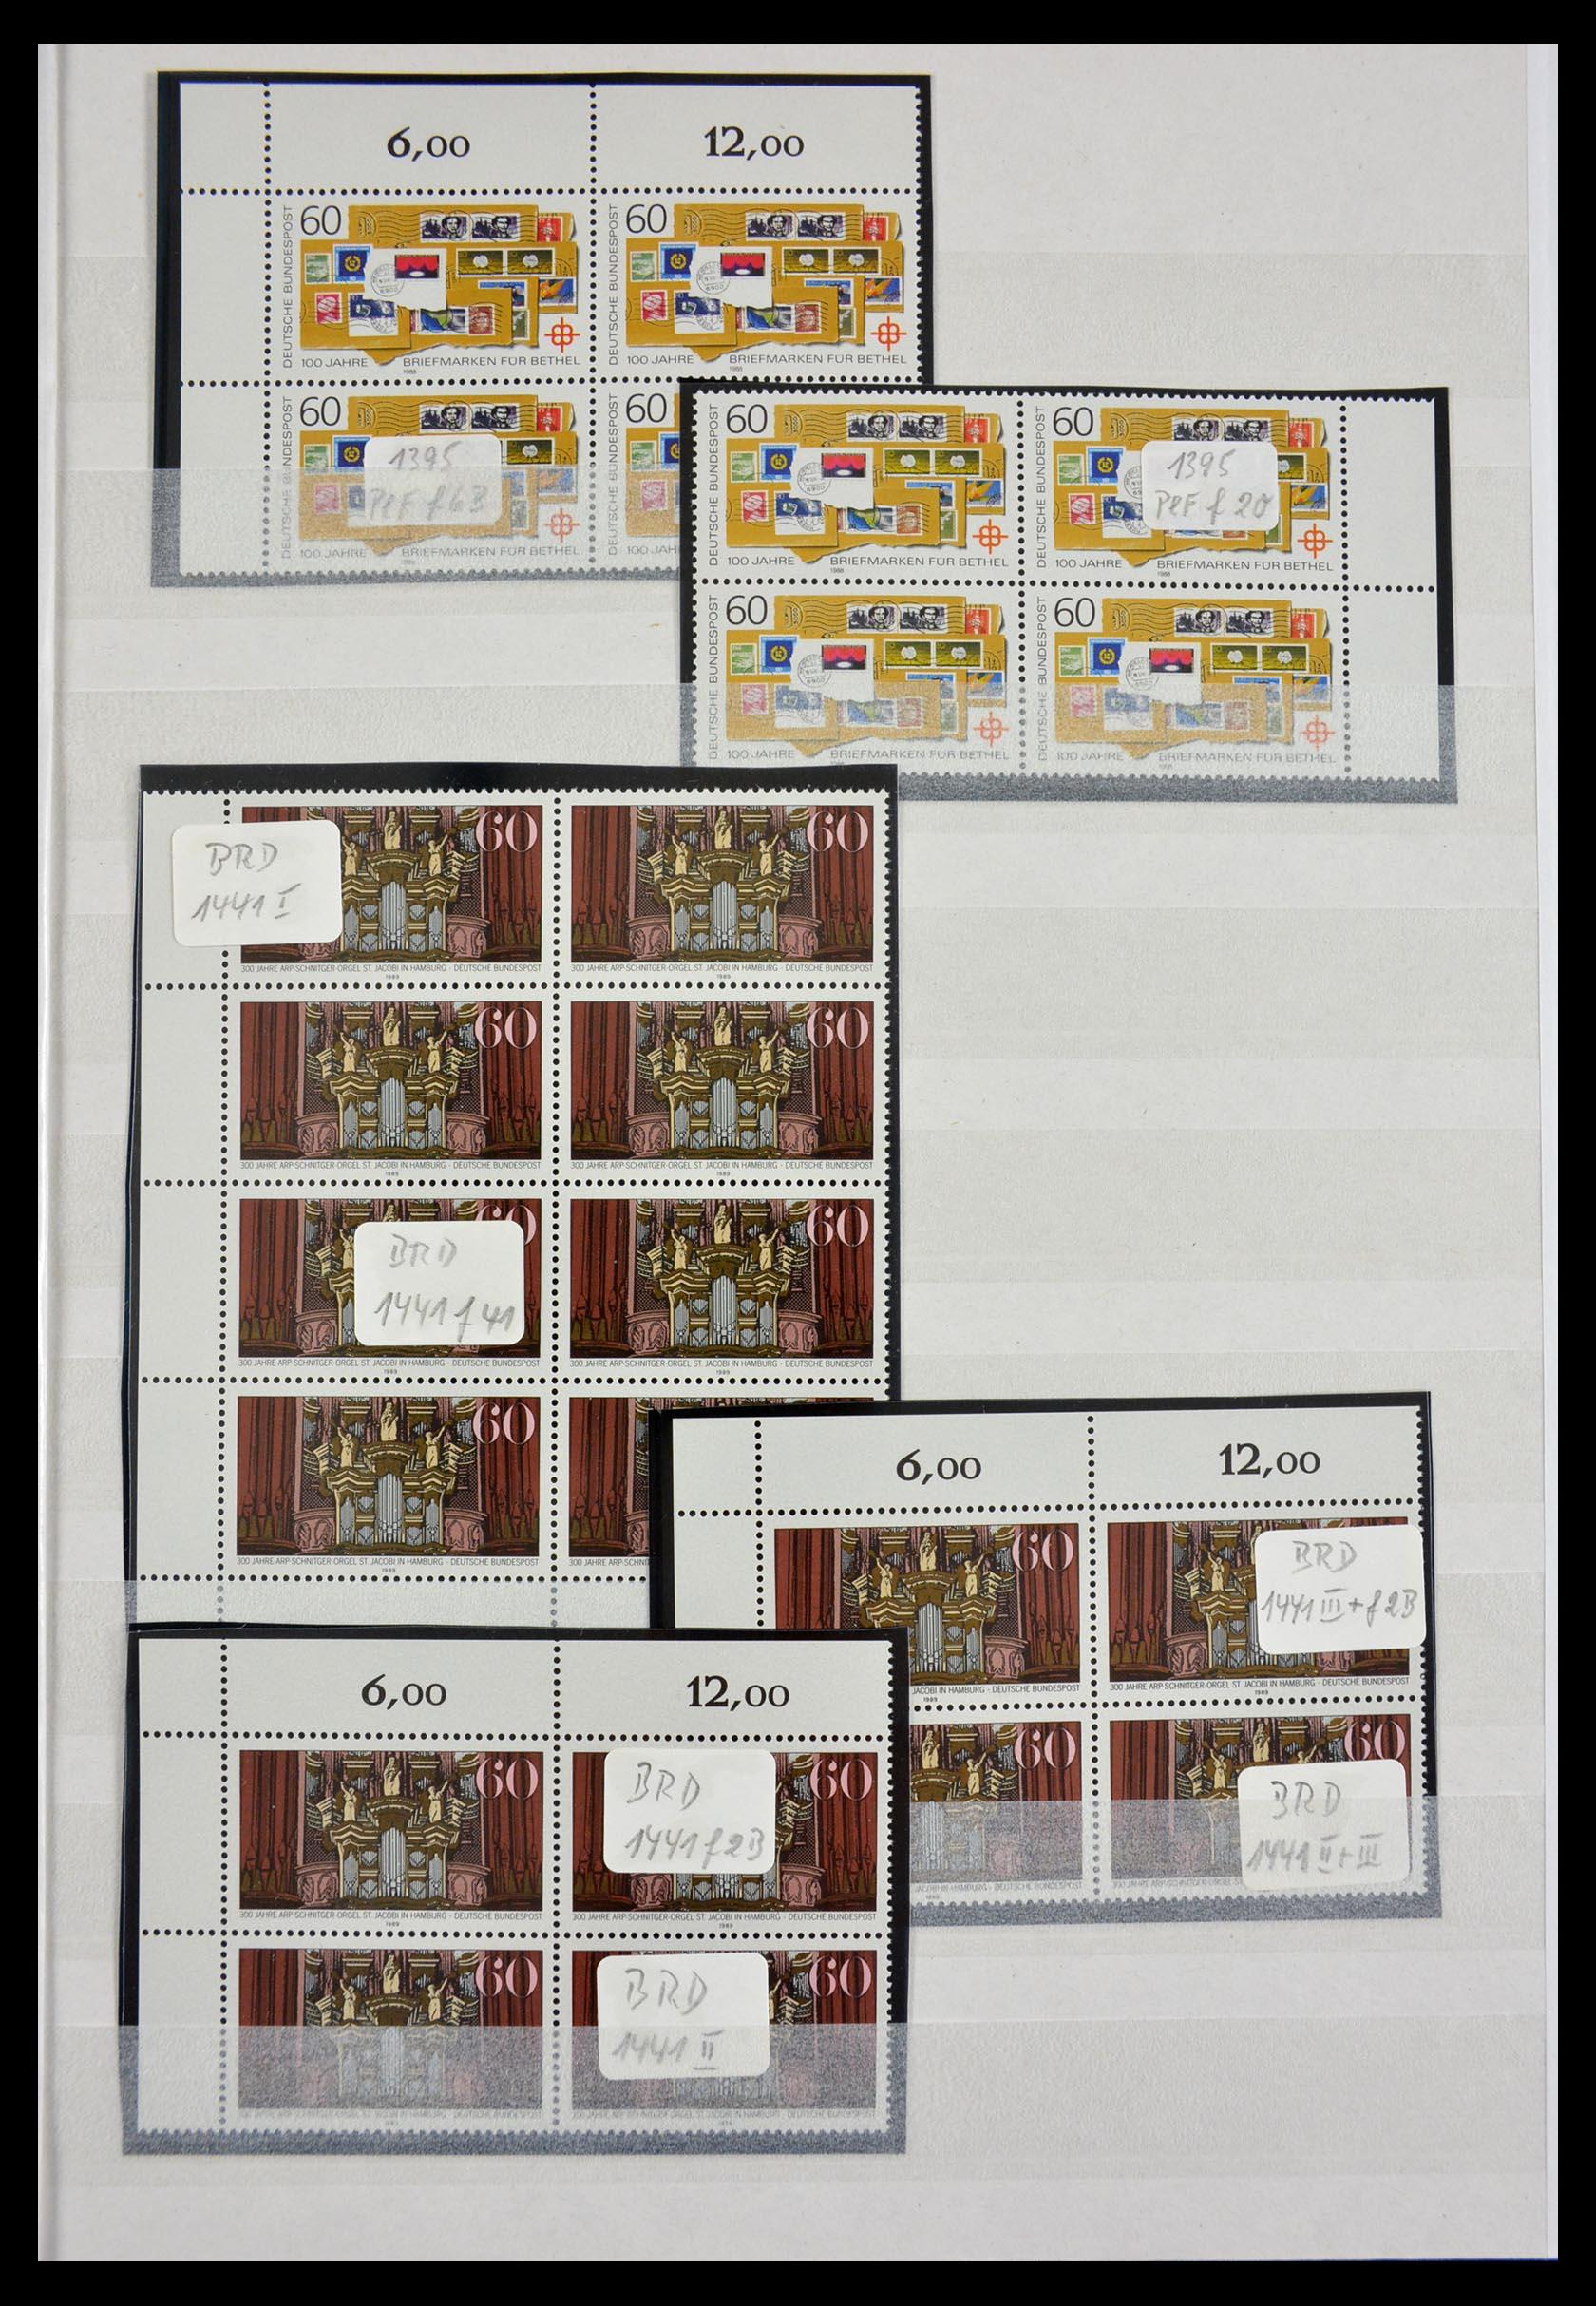 29491 013 - 29491 Bundespost plateflaws 1957-1994.